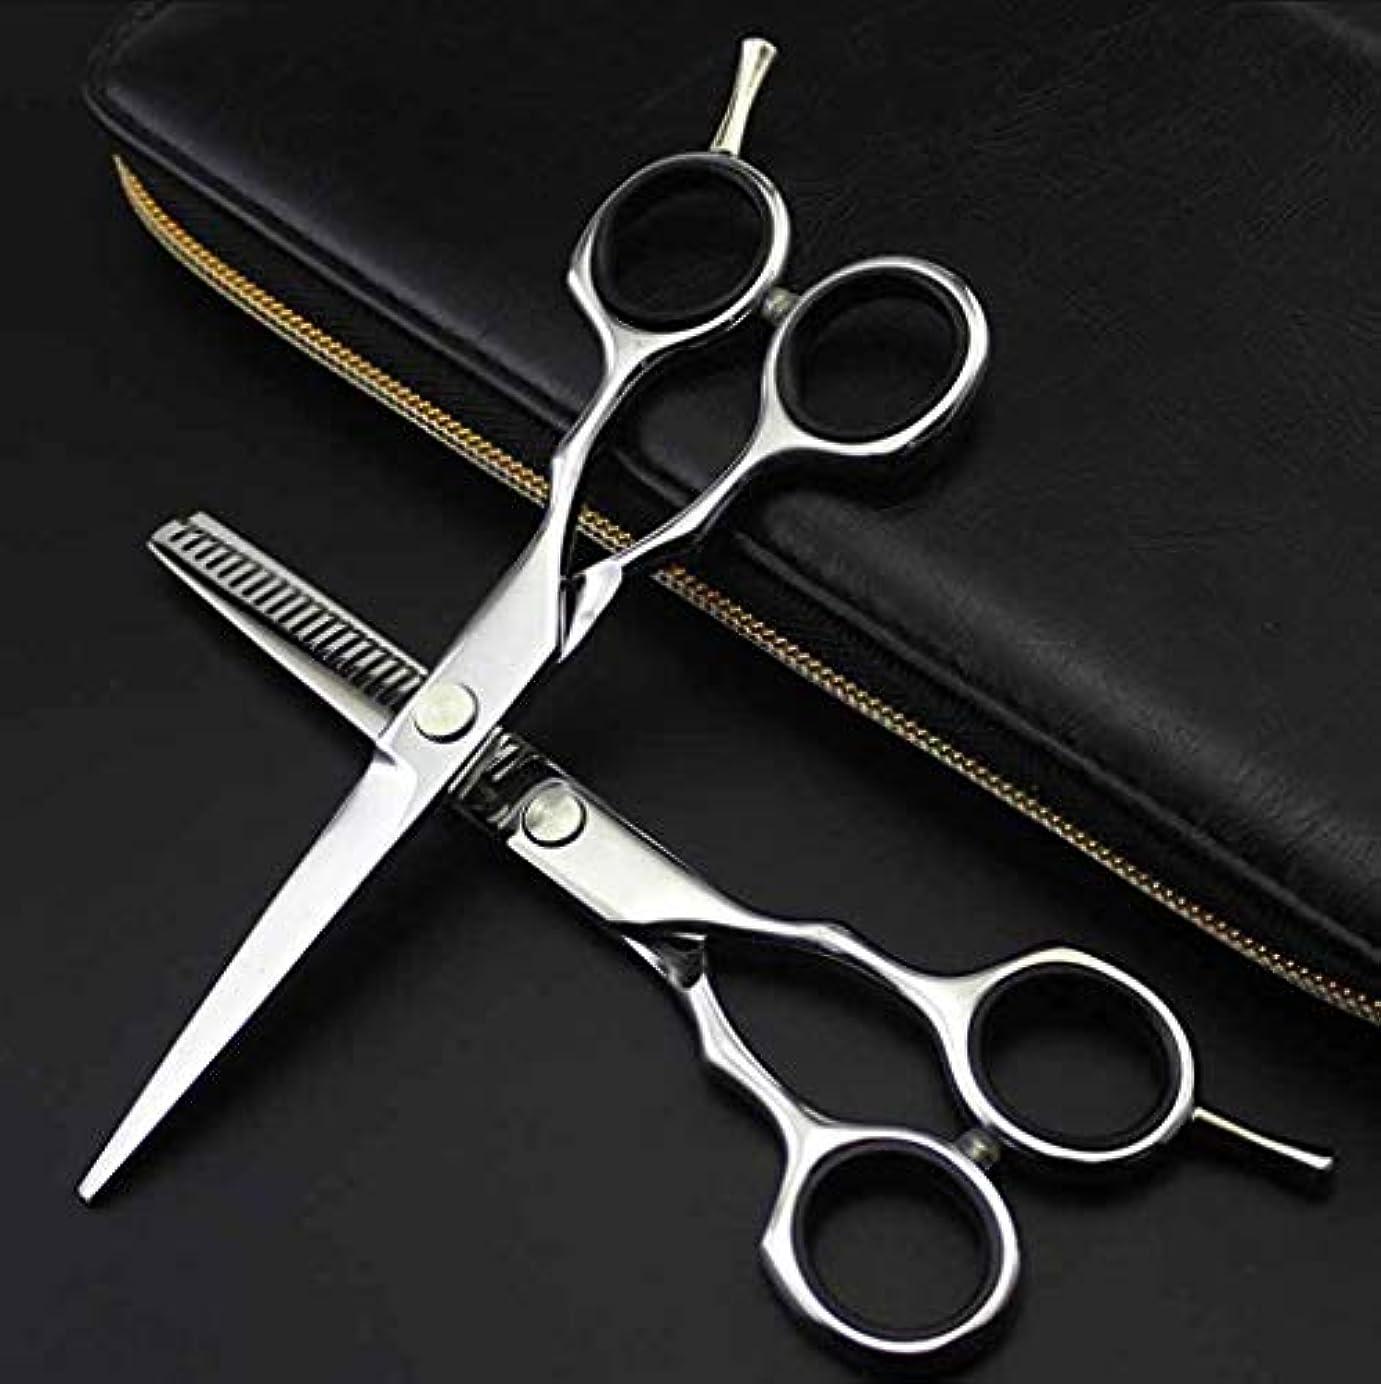 しなやか彼自身見習い5.5インチの理髪師440Cヘアカットはさみと間伐はさみ付きバッグプロの美容師や家族の使用に最適